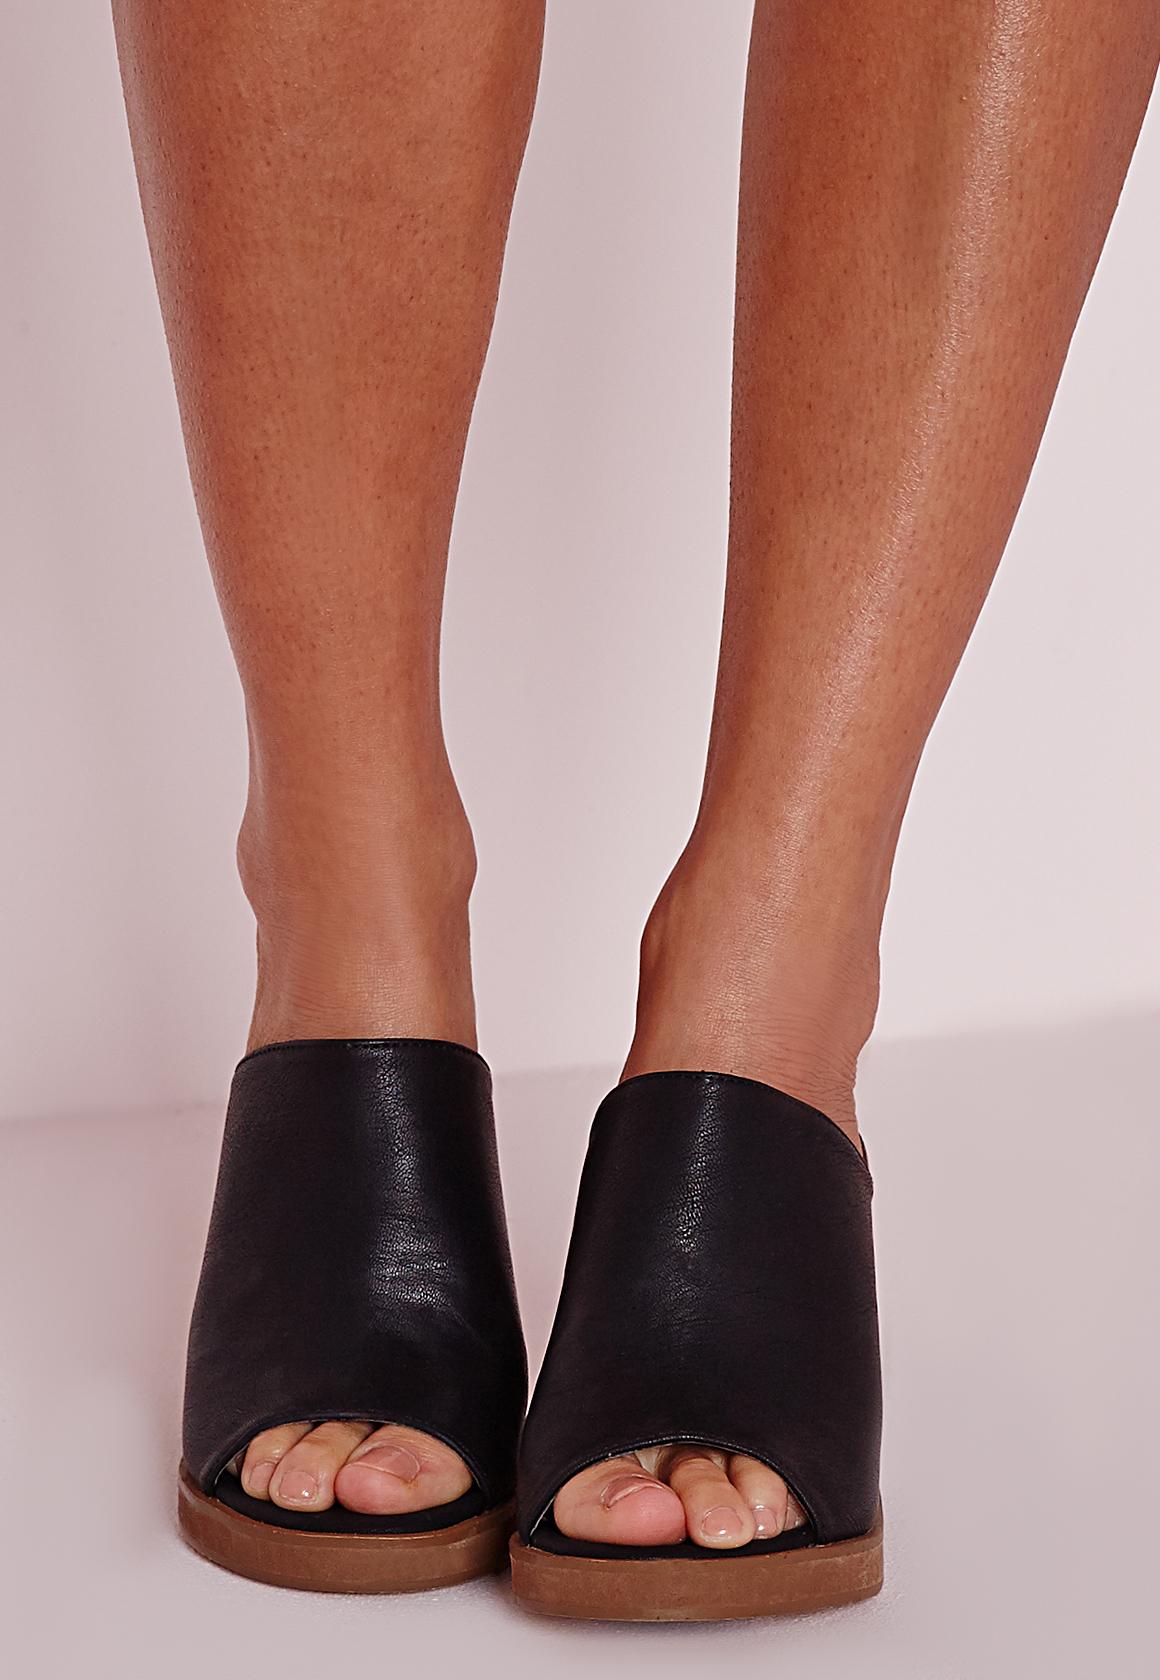 Lyst Missguided Peep Toe Block Heel Mules Black In Black